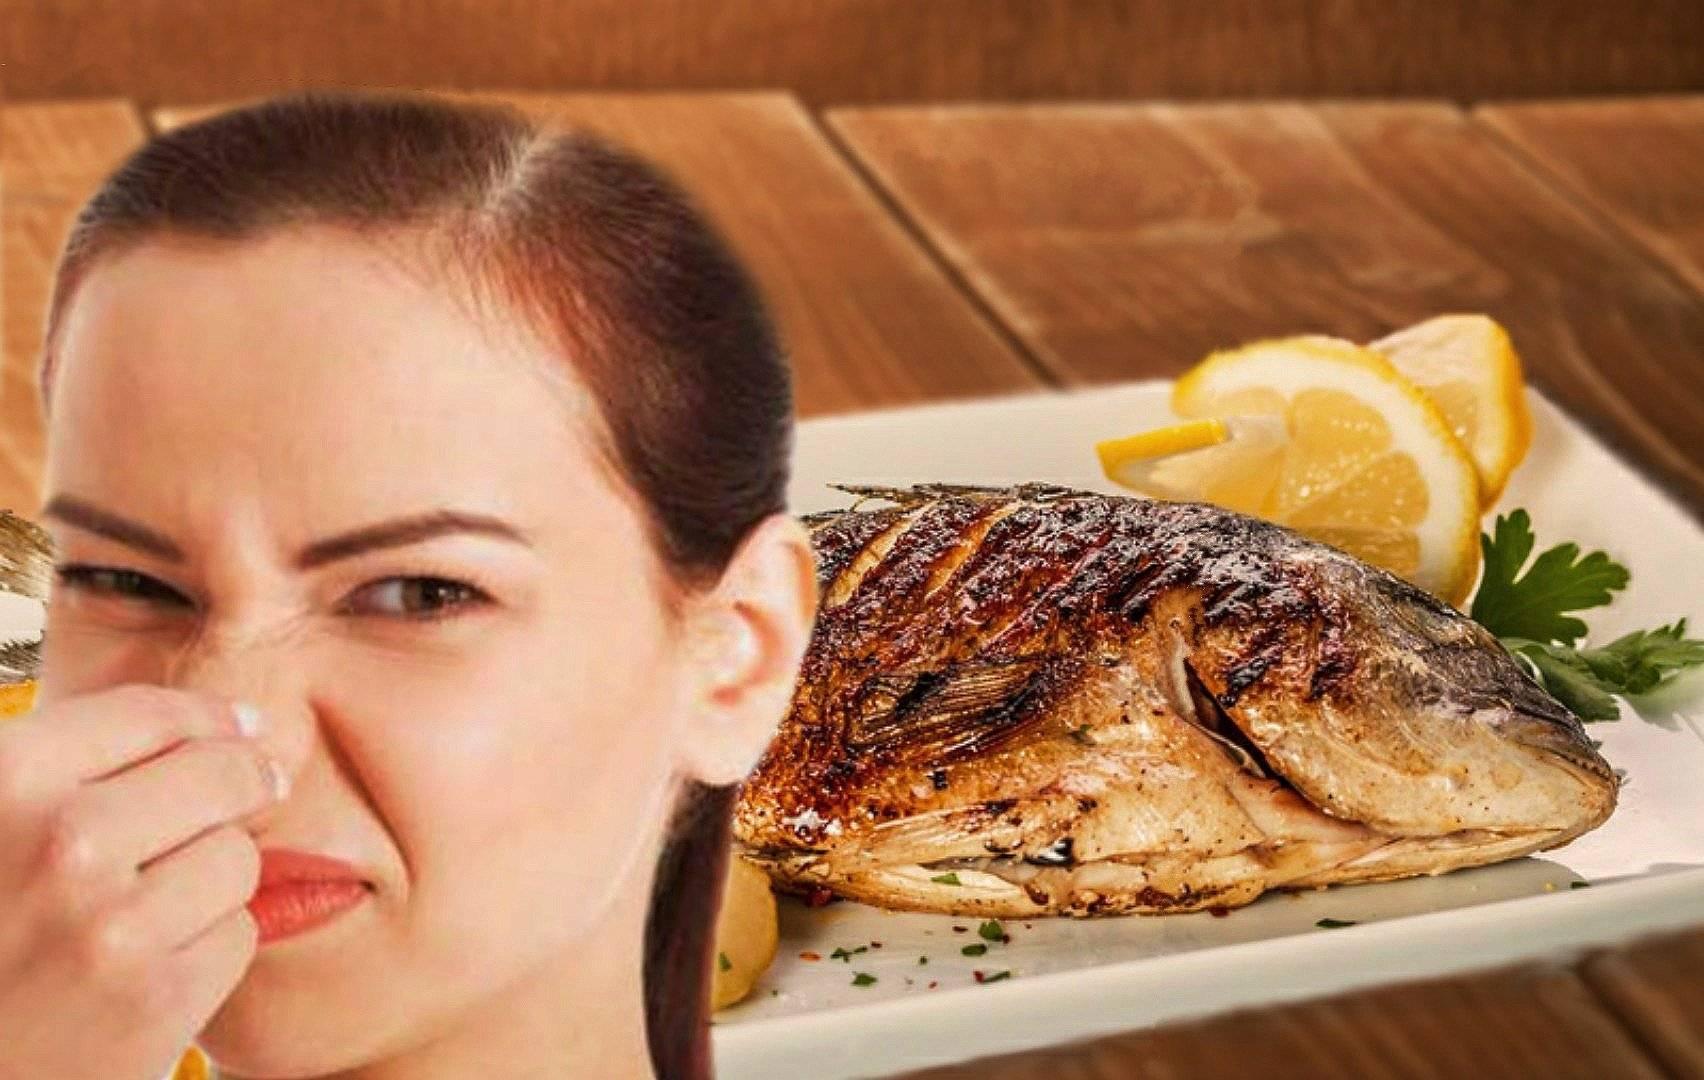 Как избавиться от запаха рыбы - проверенные способы